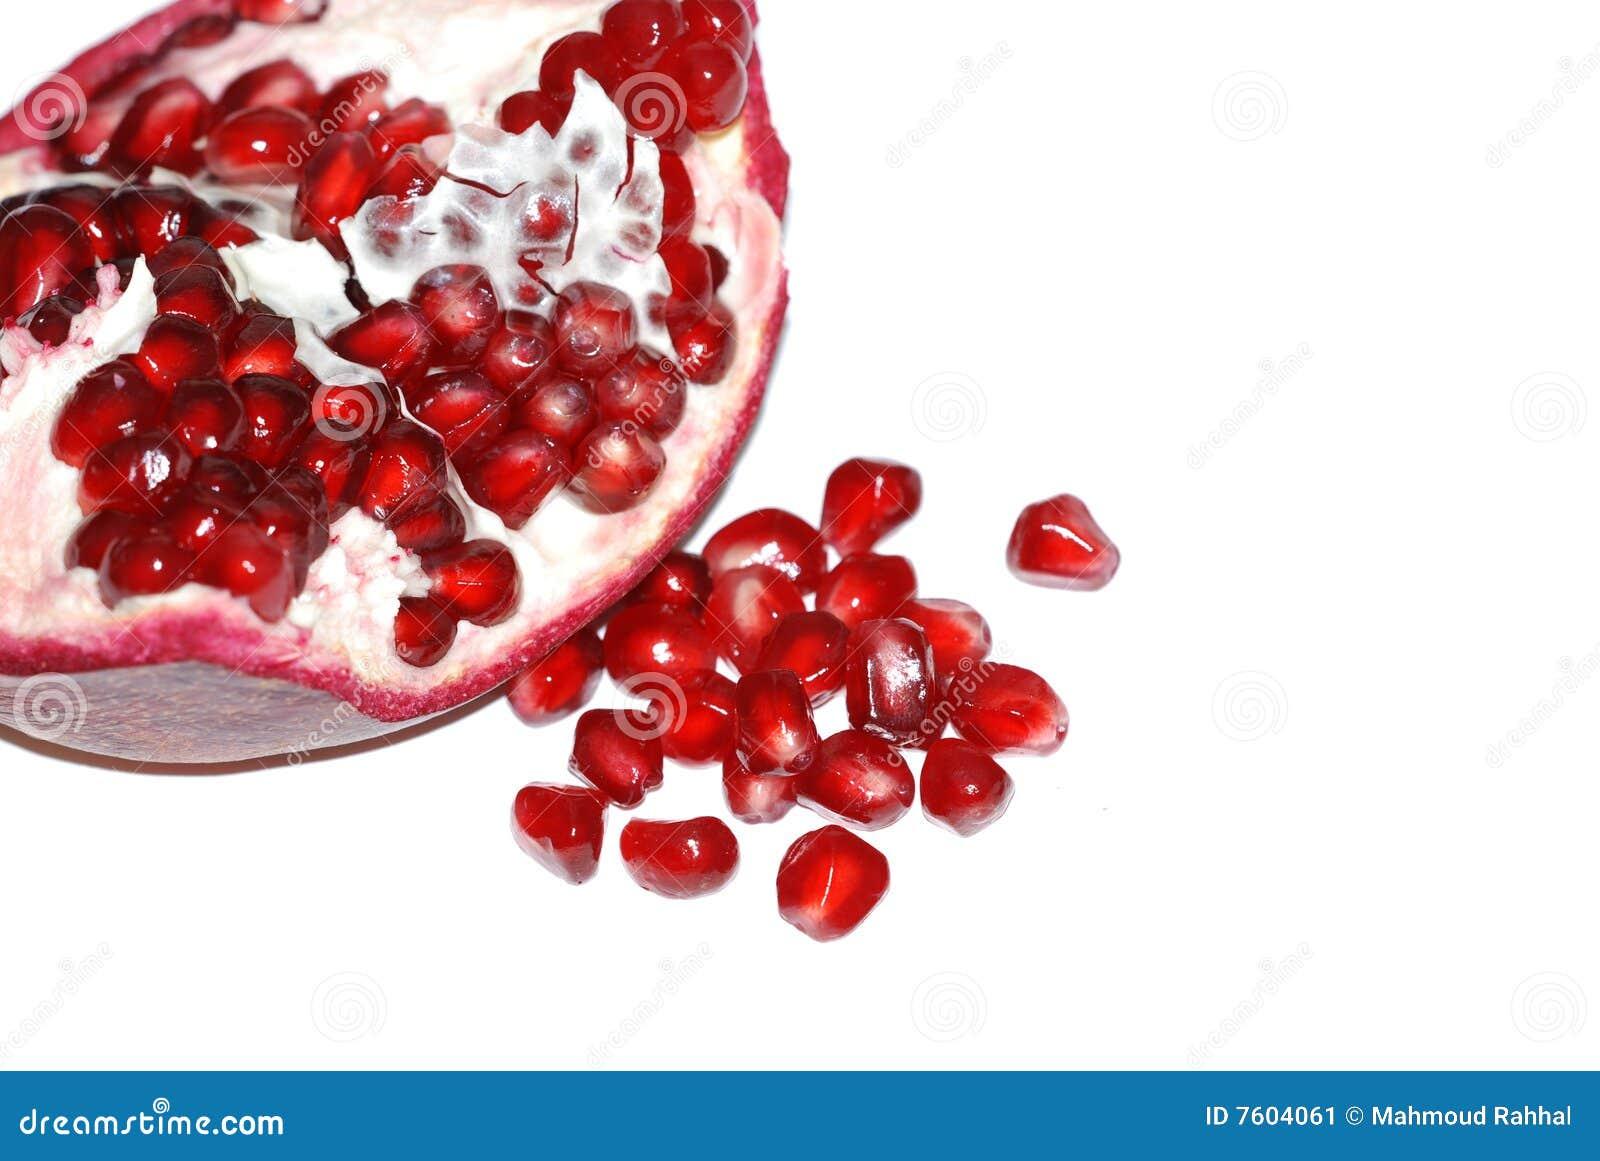 Pompegranate